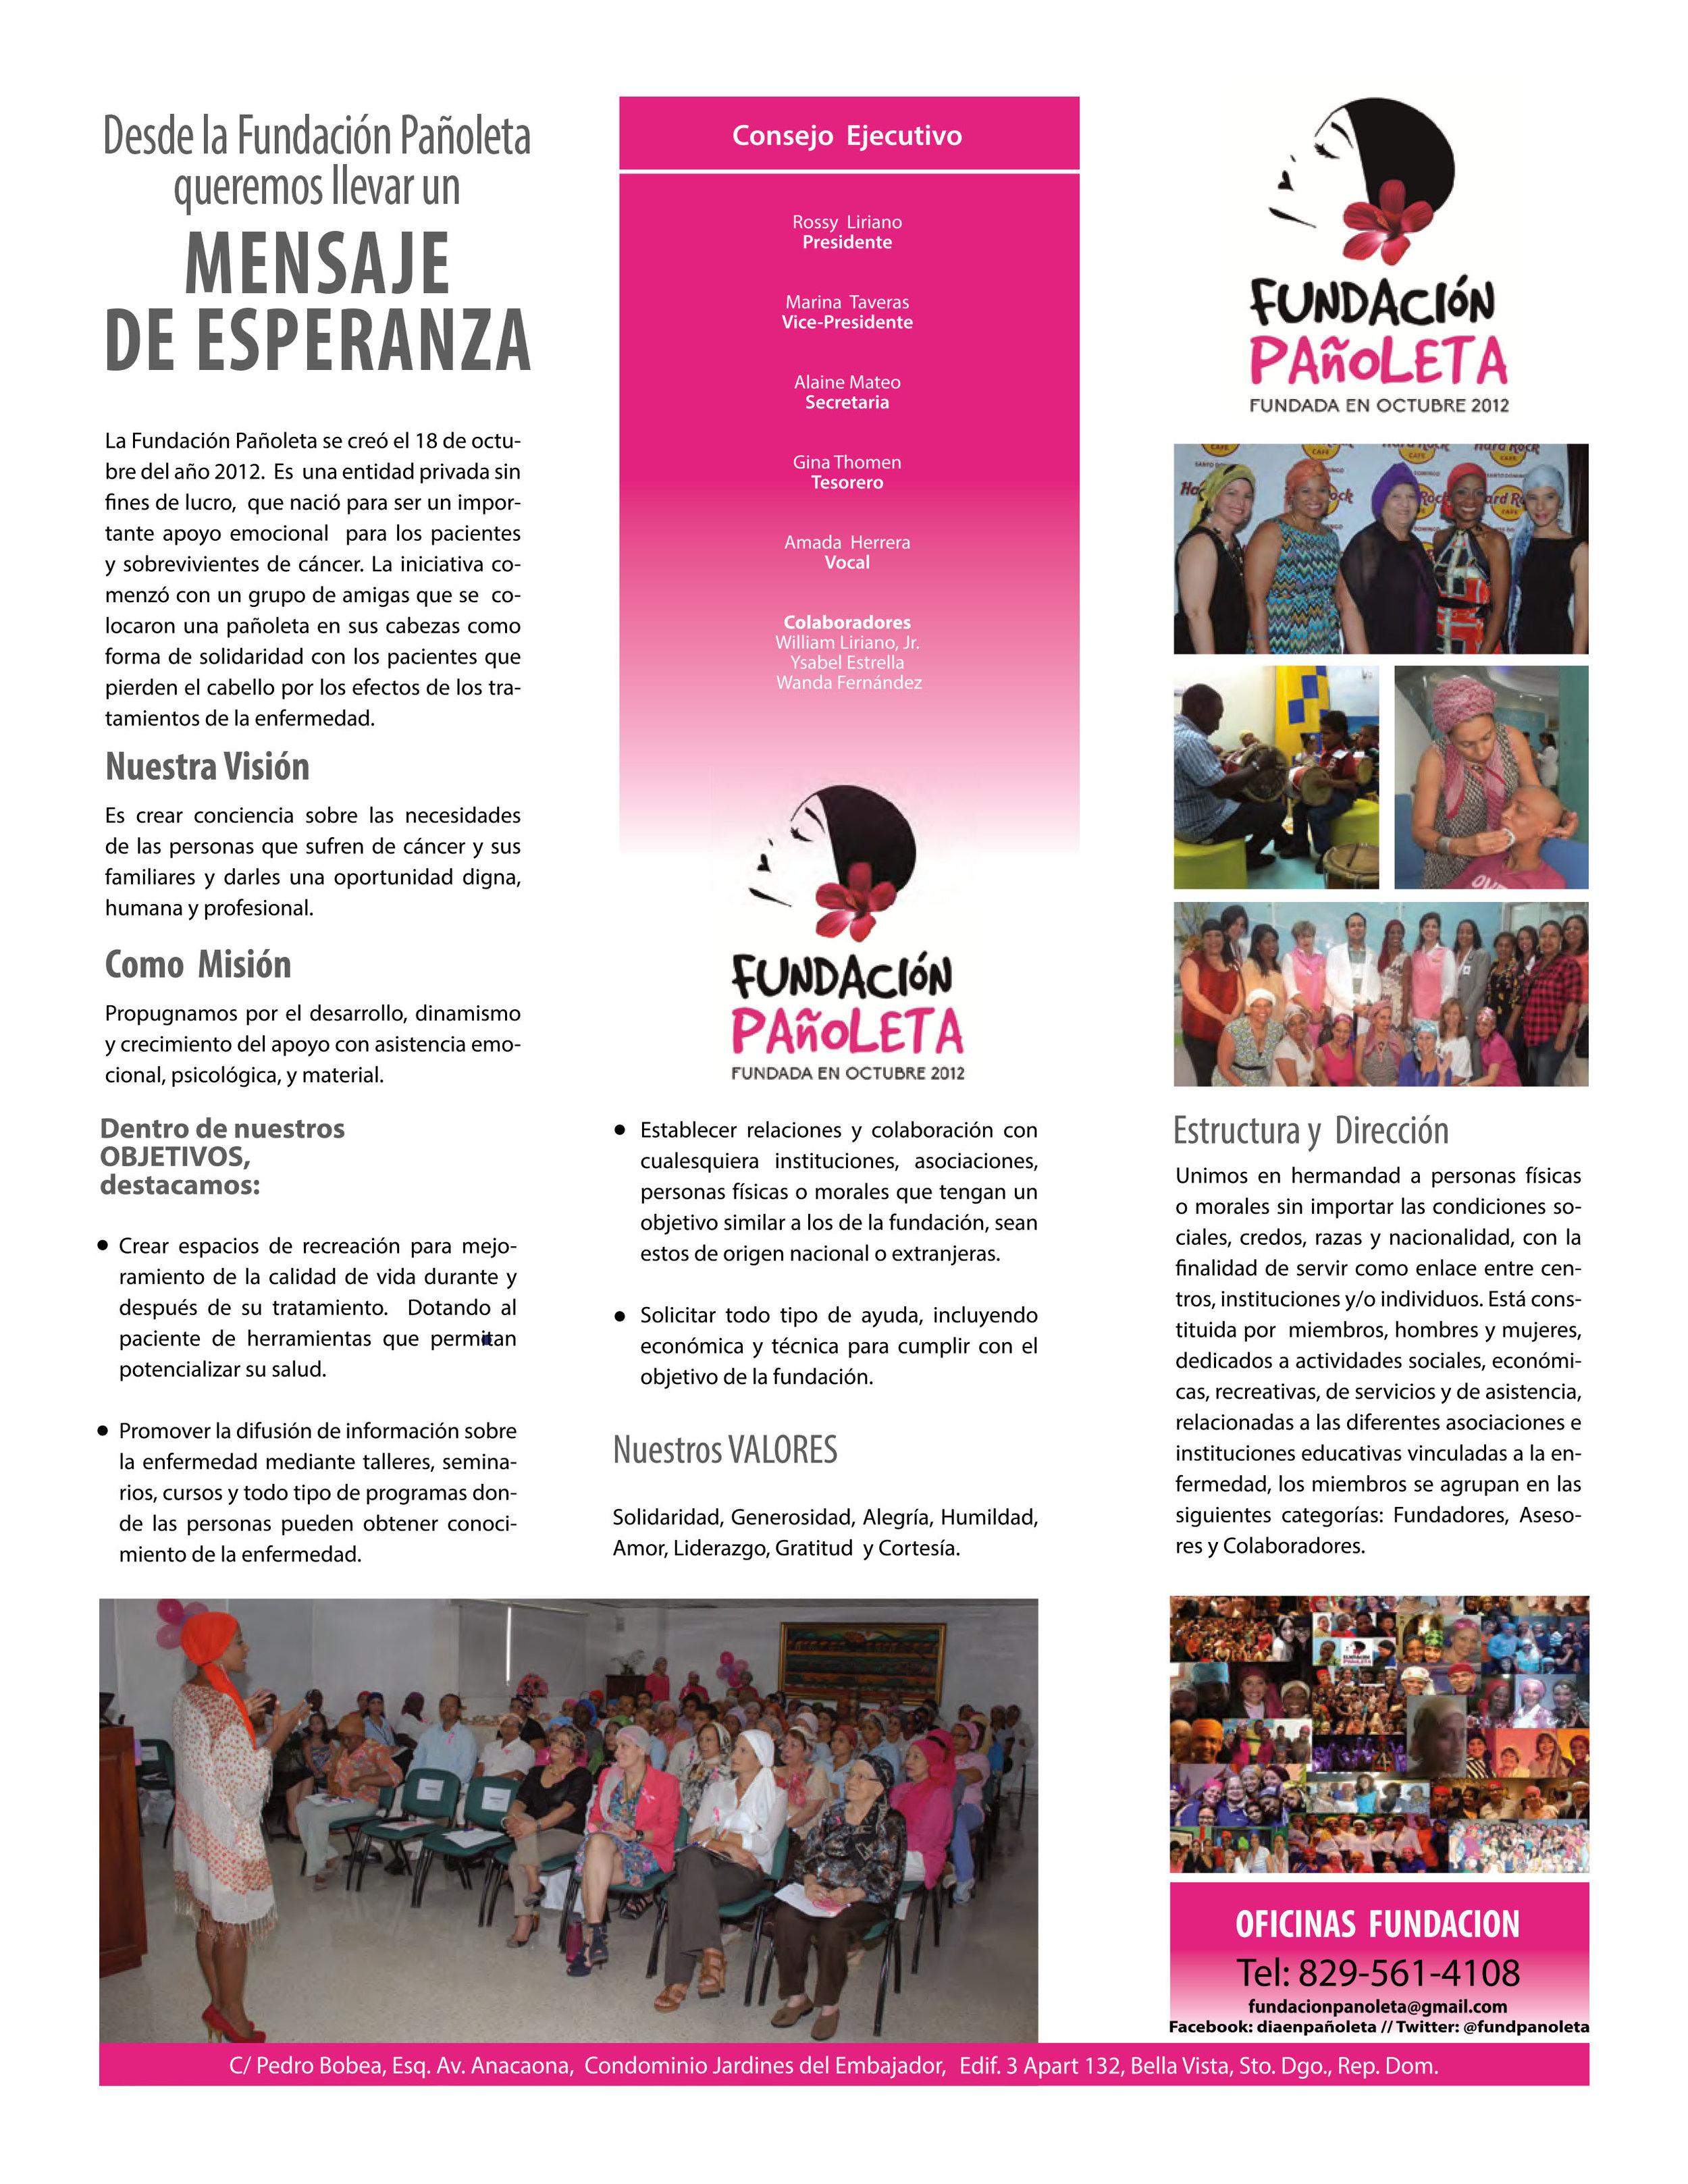 FUNDACION PAÑOLETA .jpg